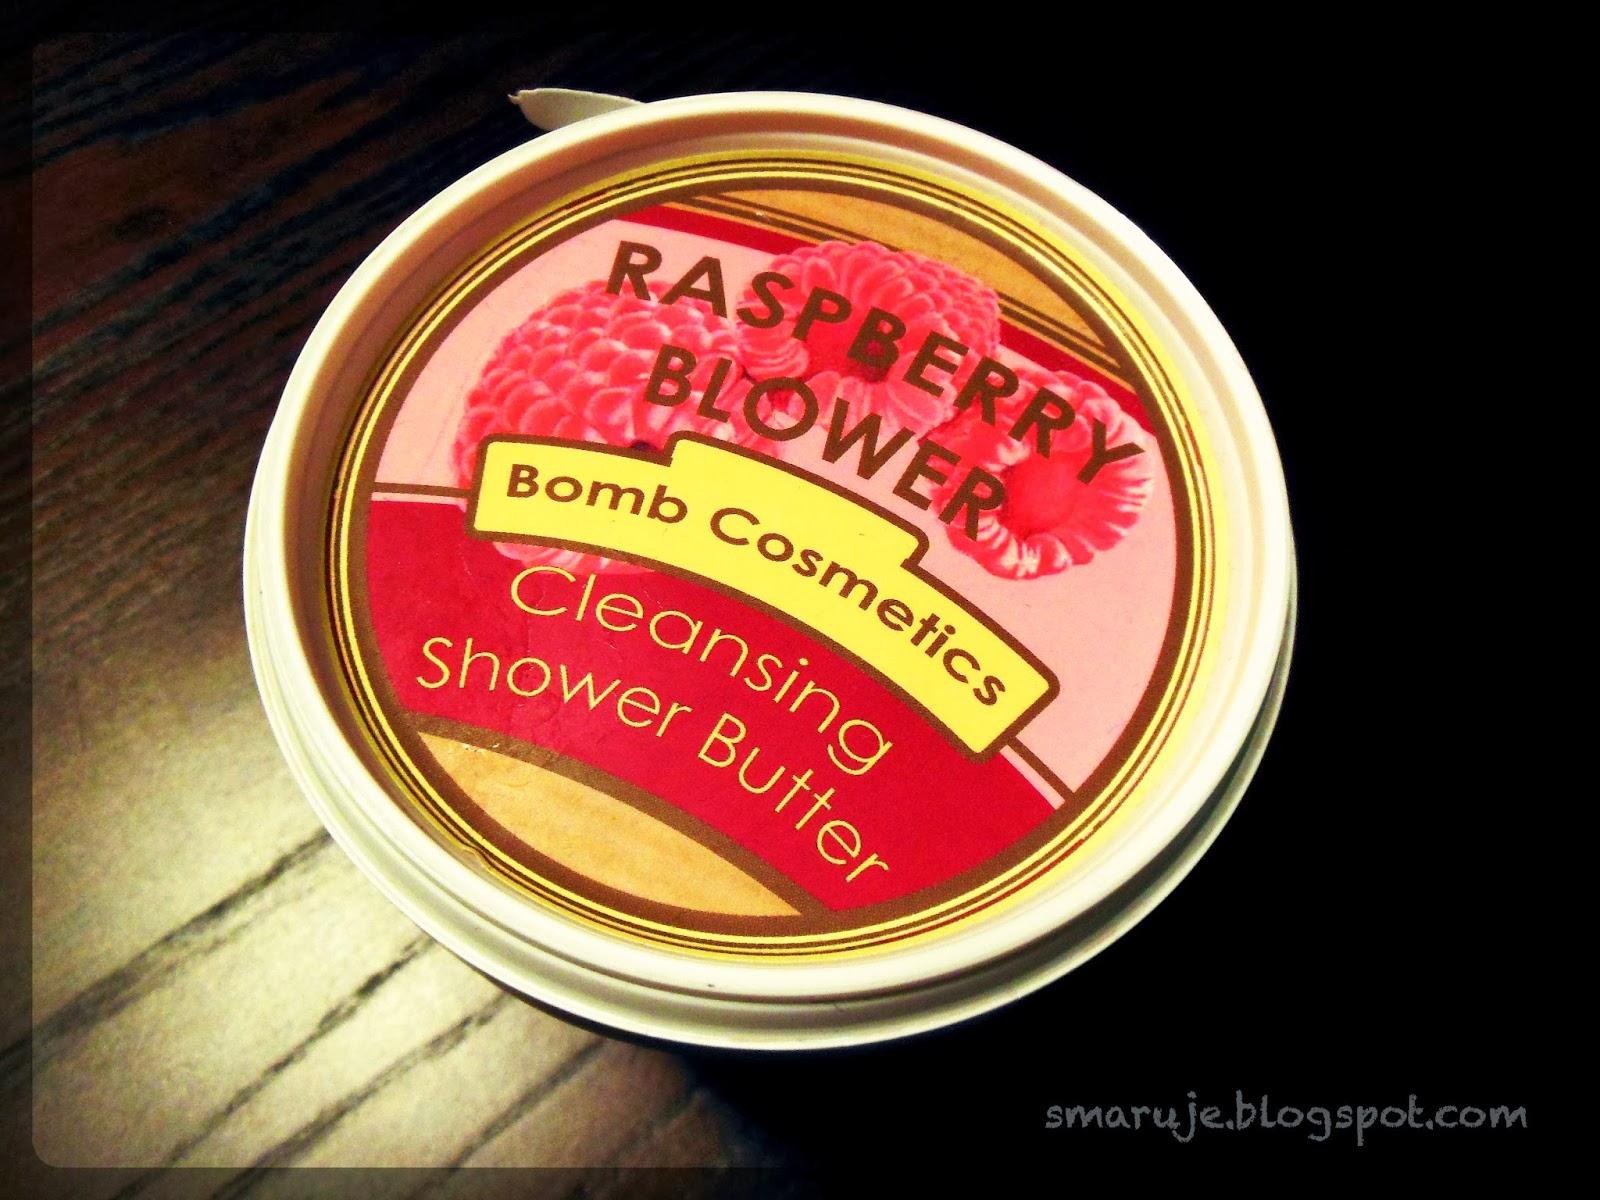 Bomb Cosmetics –Raspberry Blower, czyli malinowe masło do... mycia [recenzja]